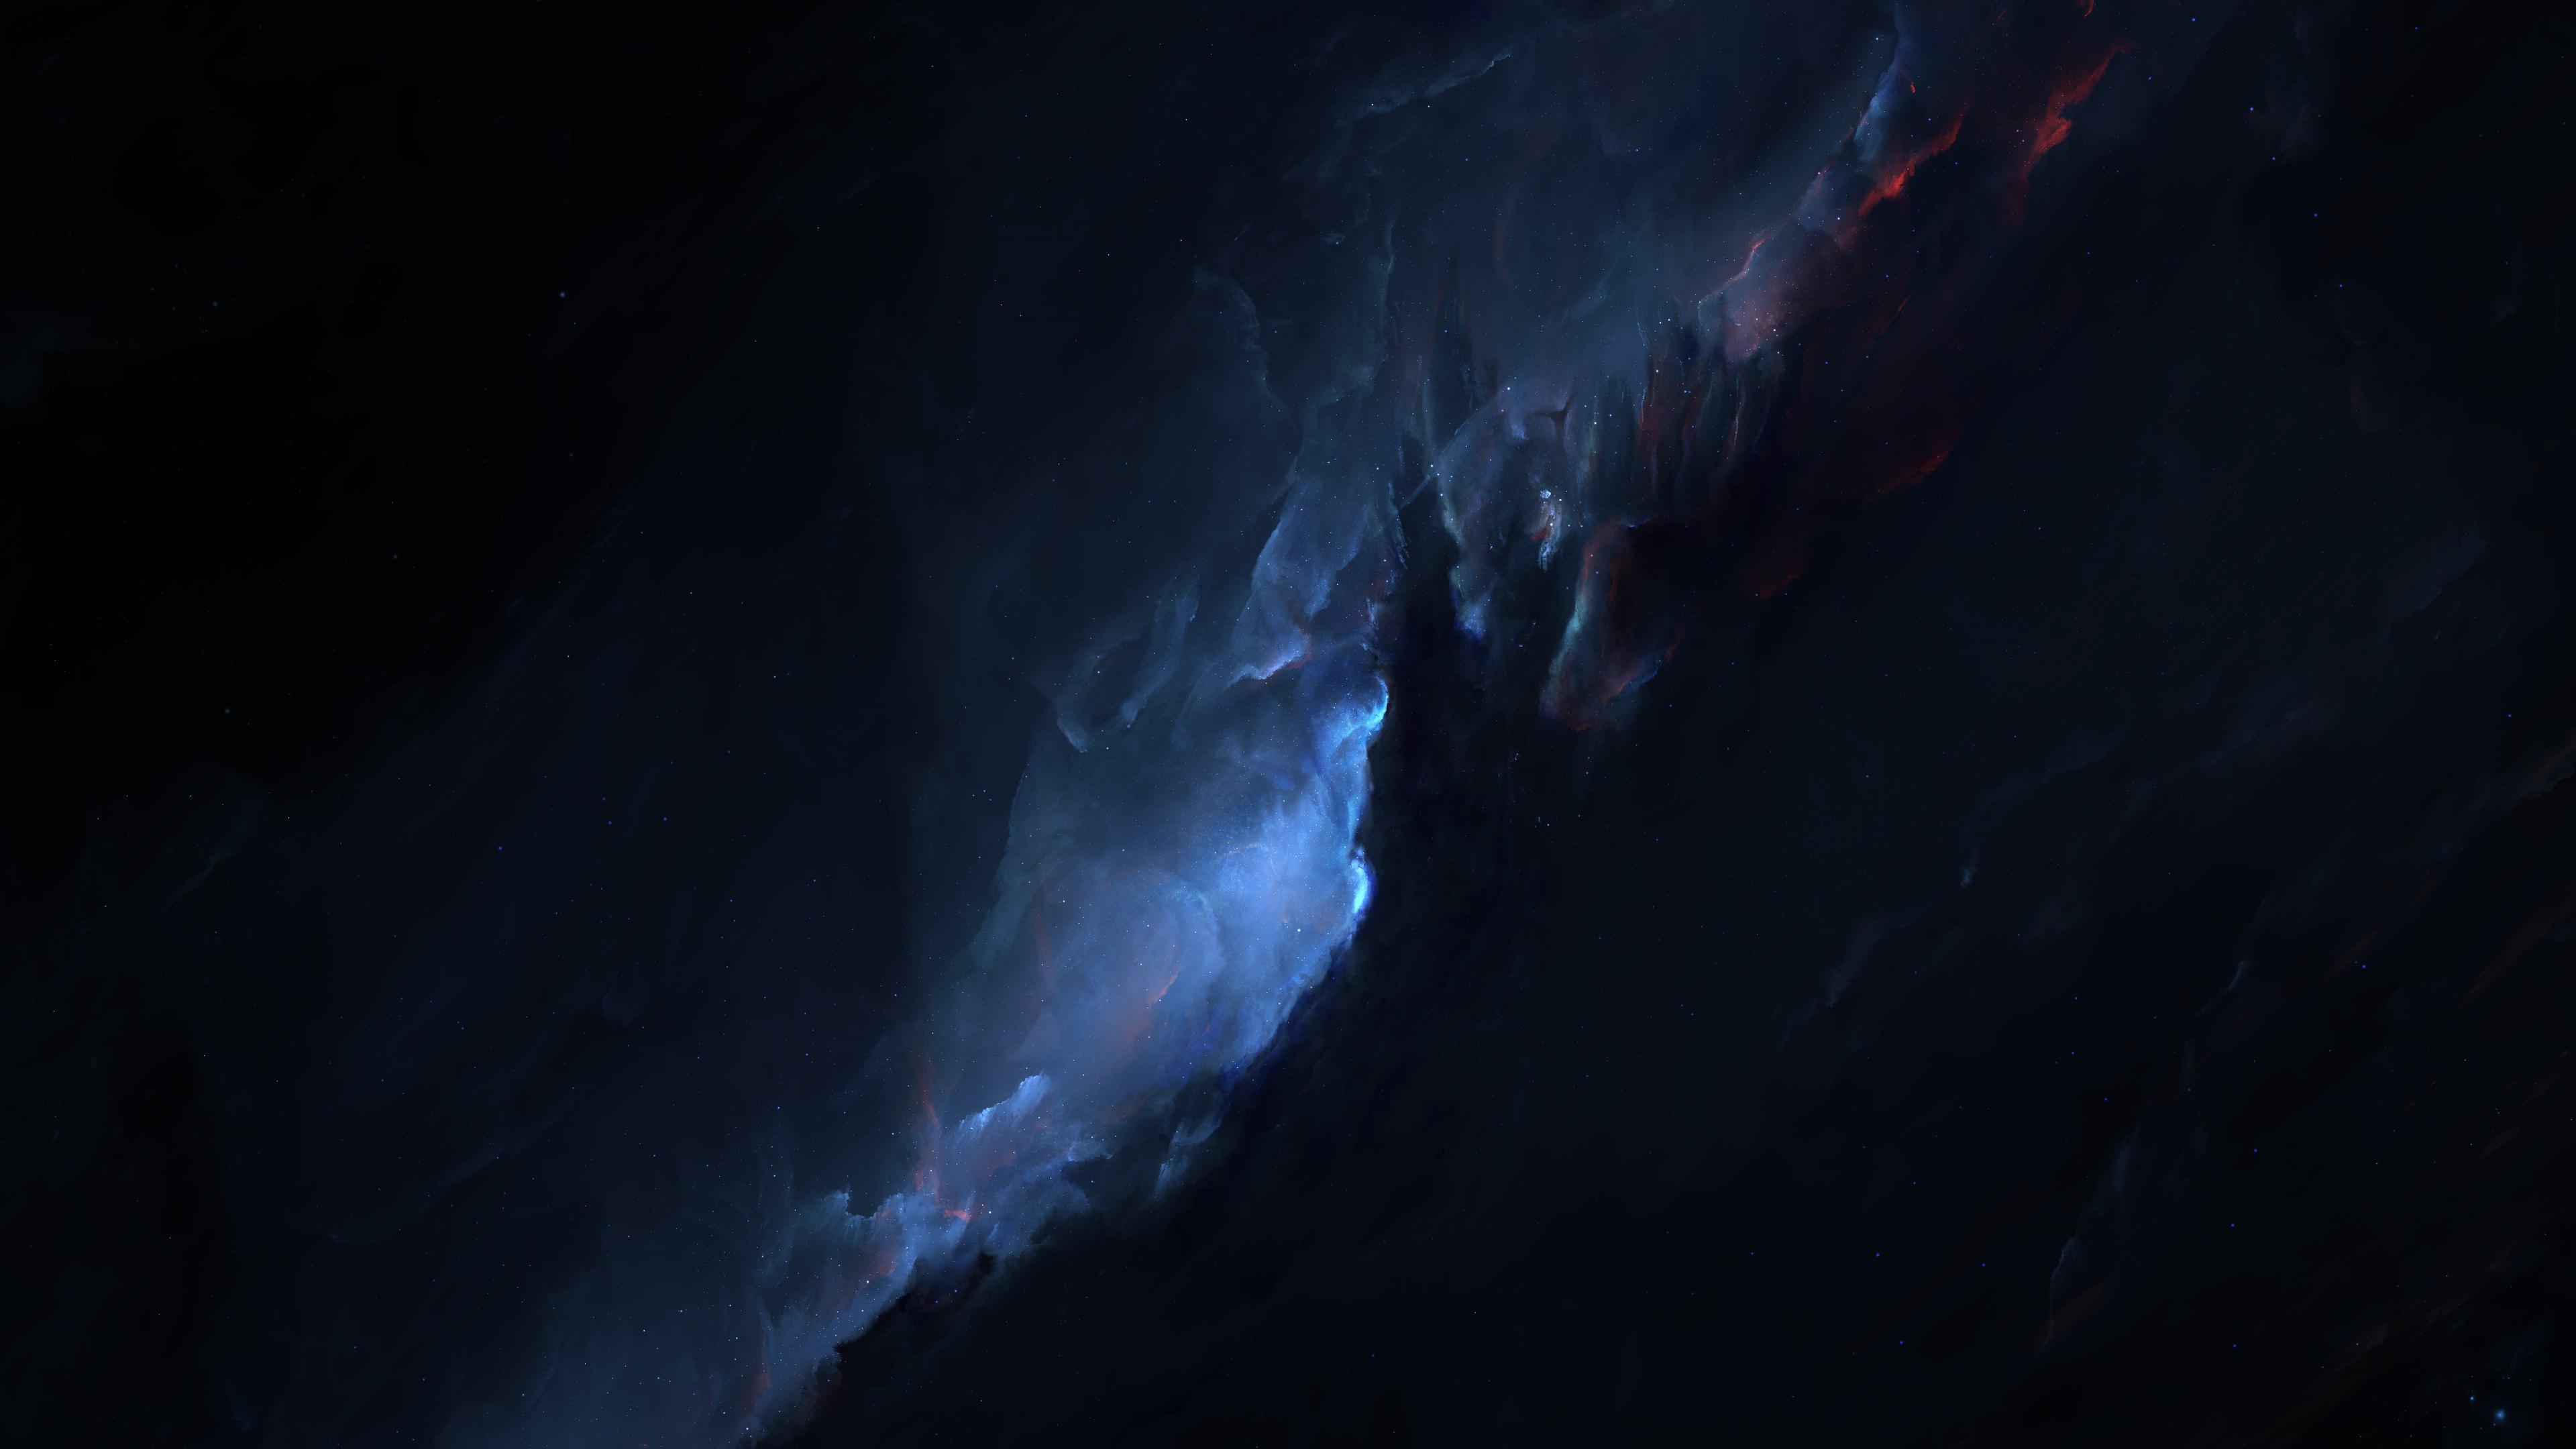 andromeda galaxy wallpaper 4k